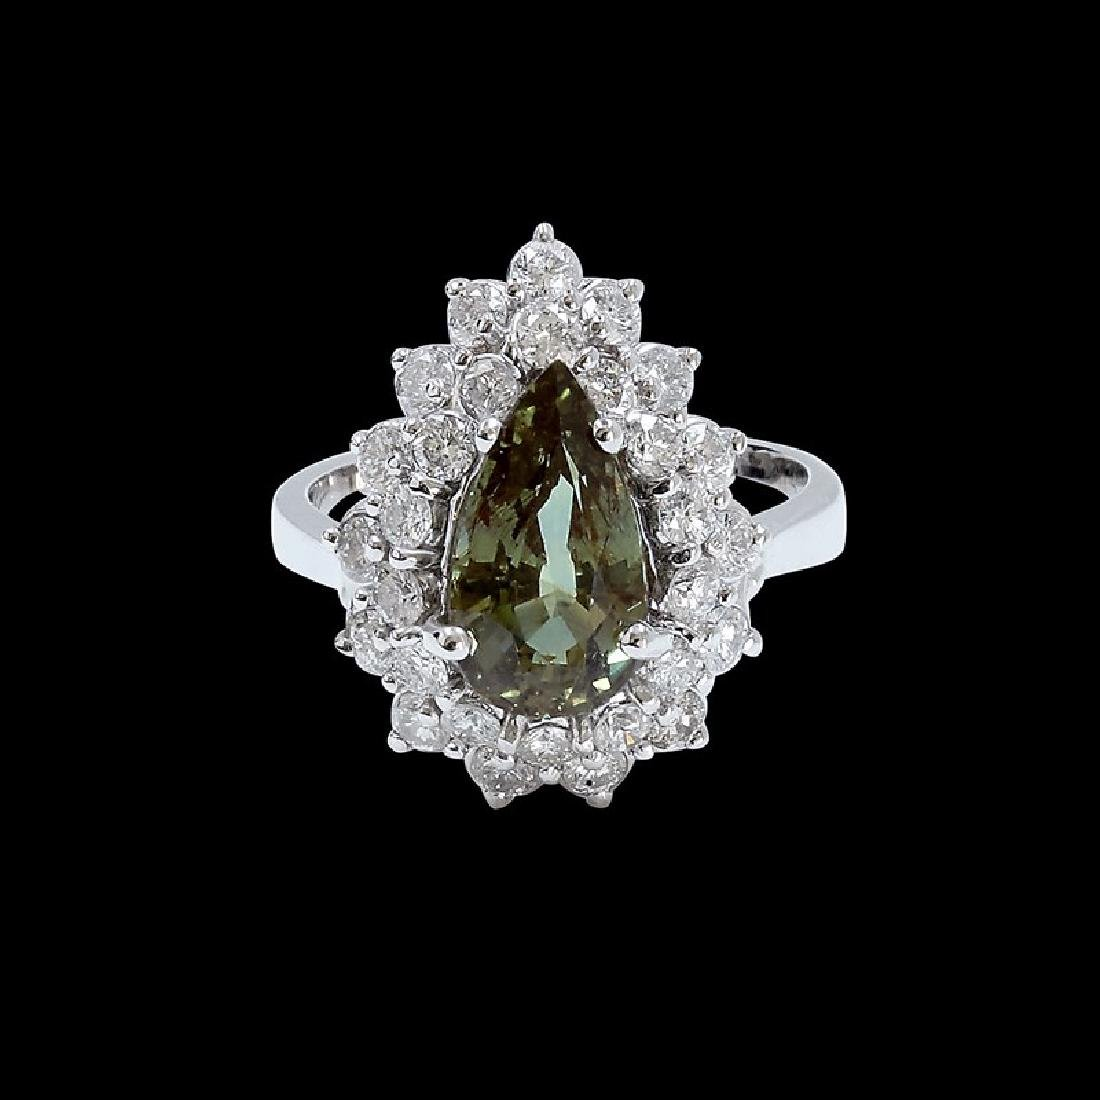 3.11ct Alexandrite 18K White Gold Ring